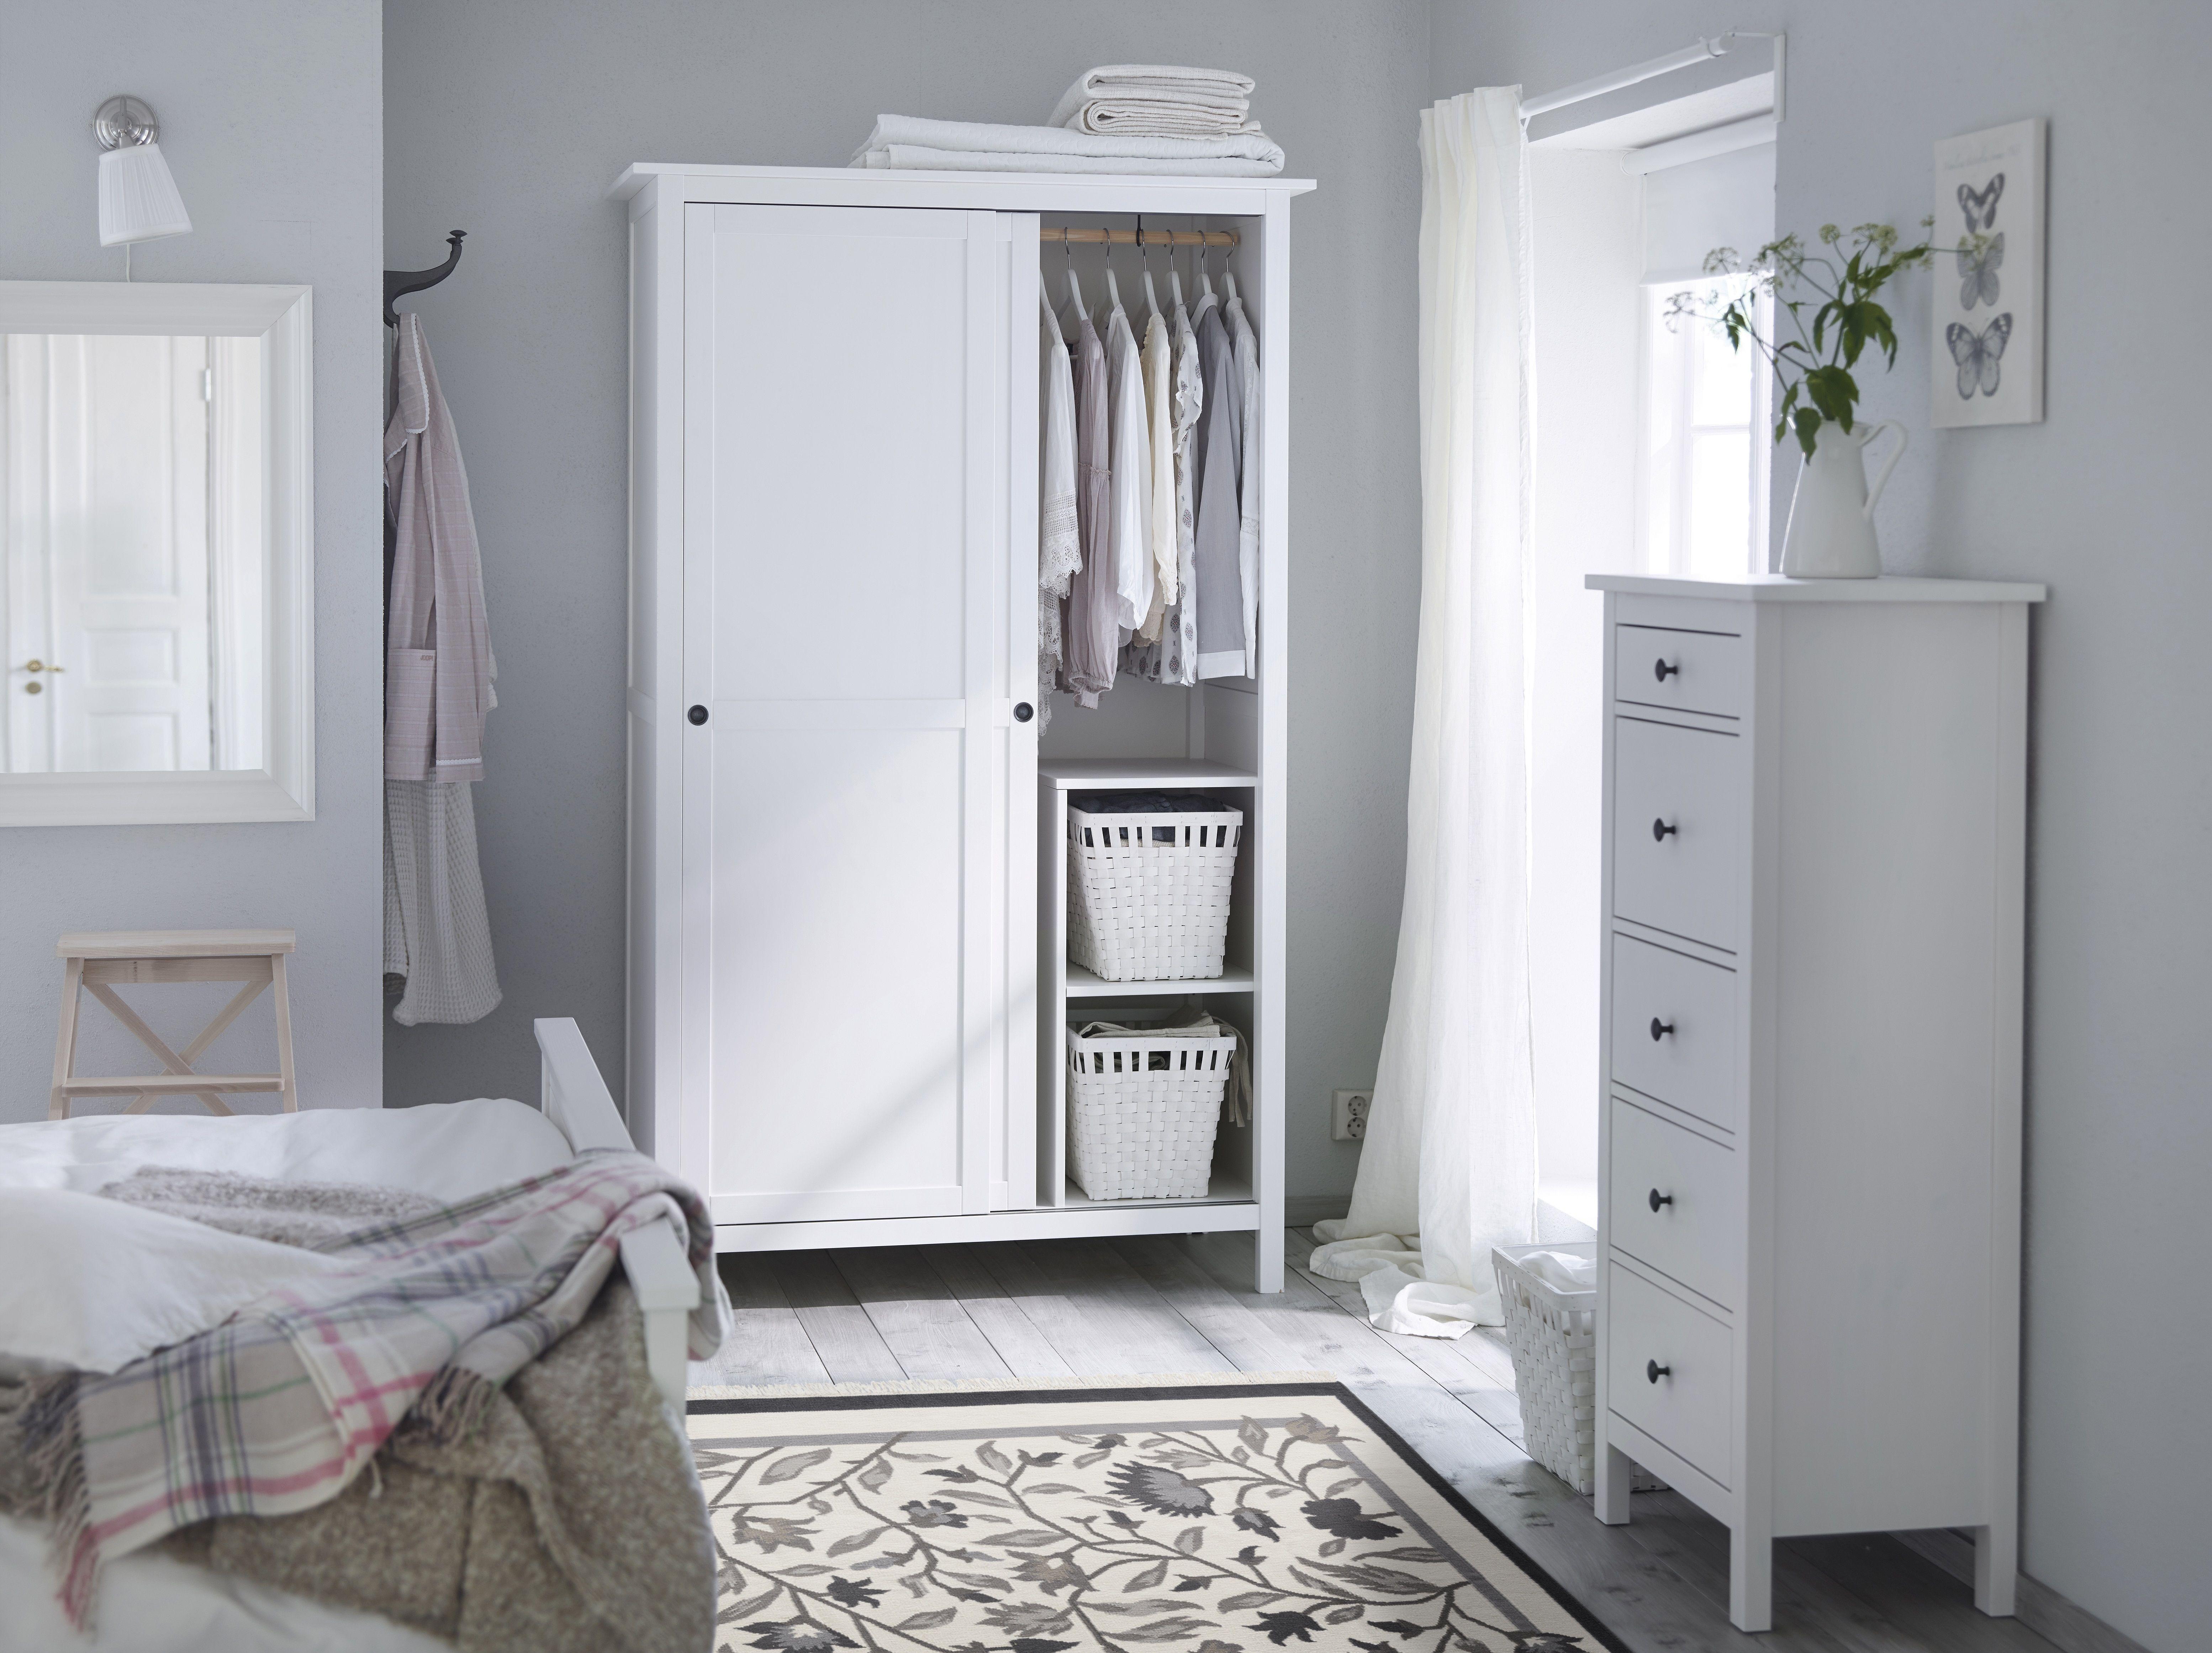 Schlafzimmer Ikea 2015 #20: HEMNES Kledingkast 2 Schuifdeuren - Witgebeitst - IKEA